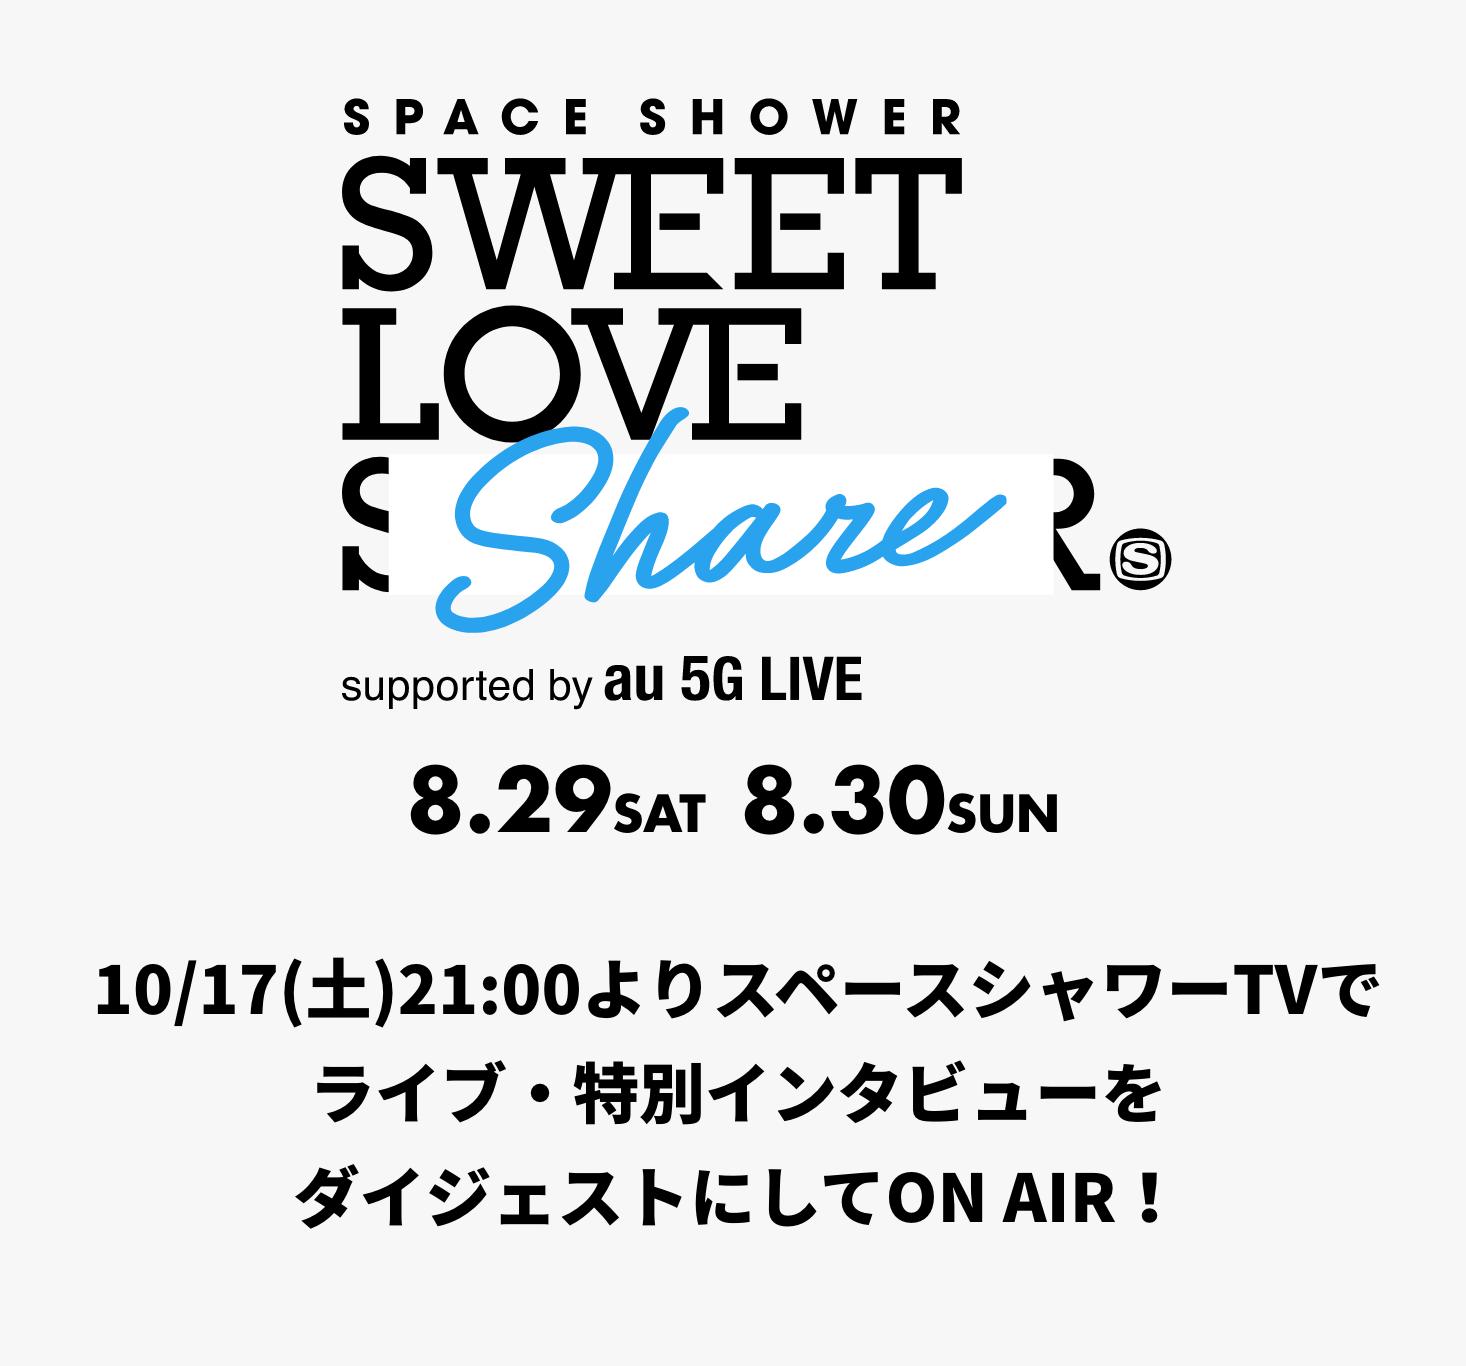 Tv スペース シャワー